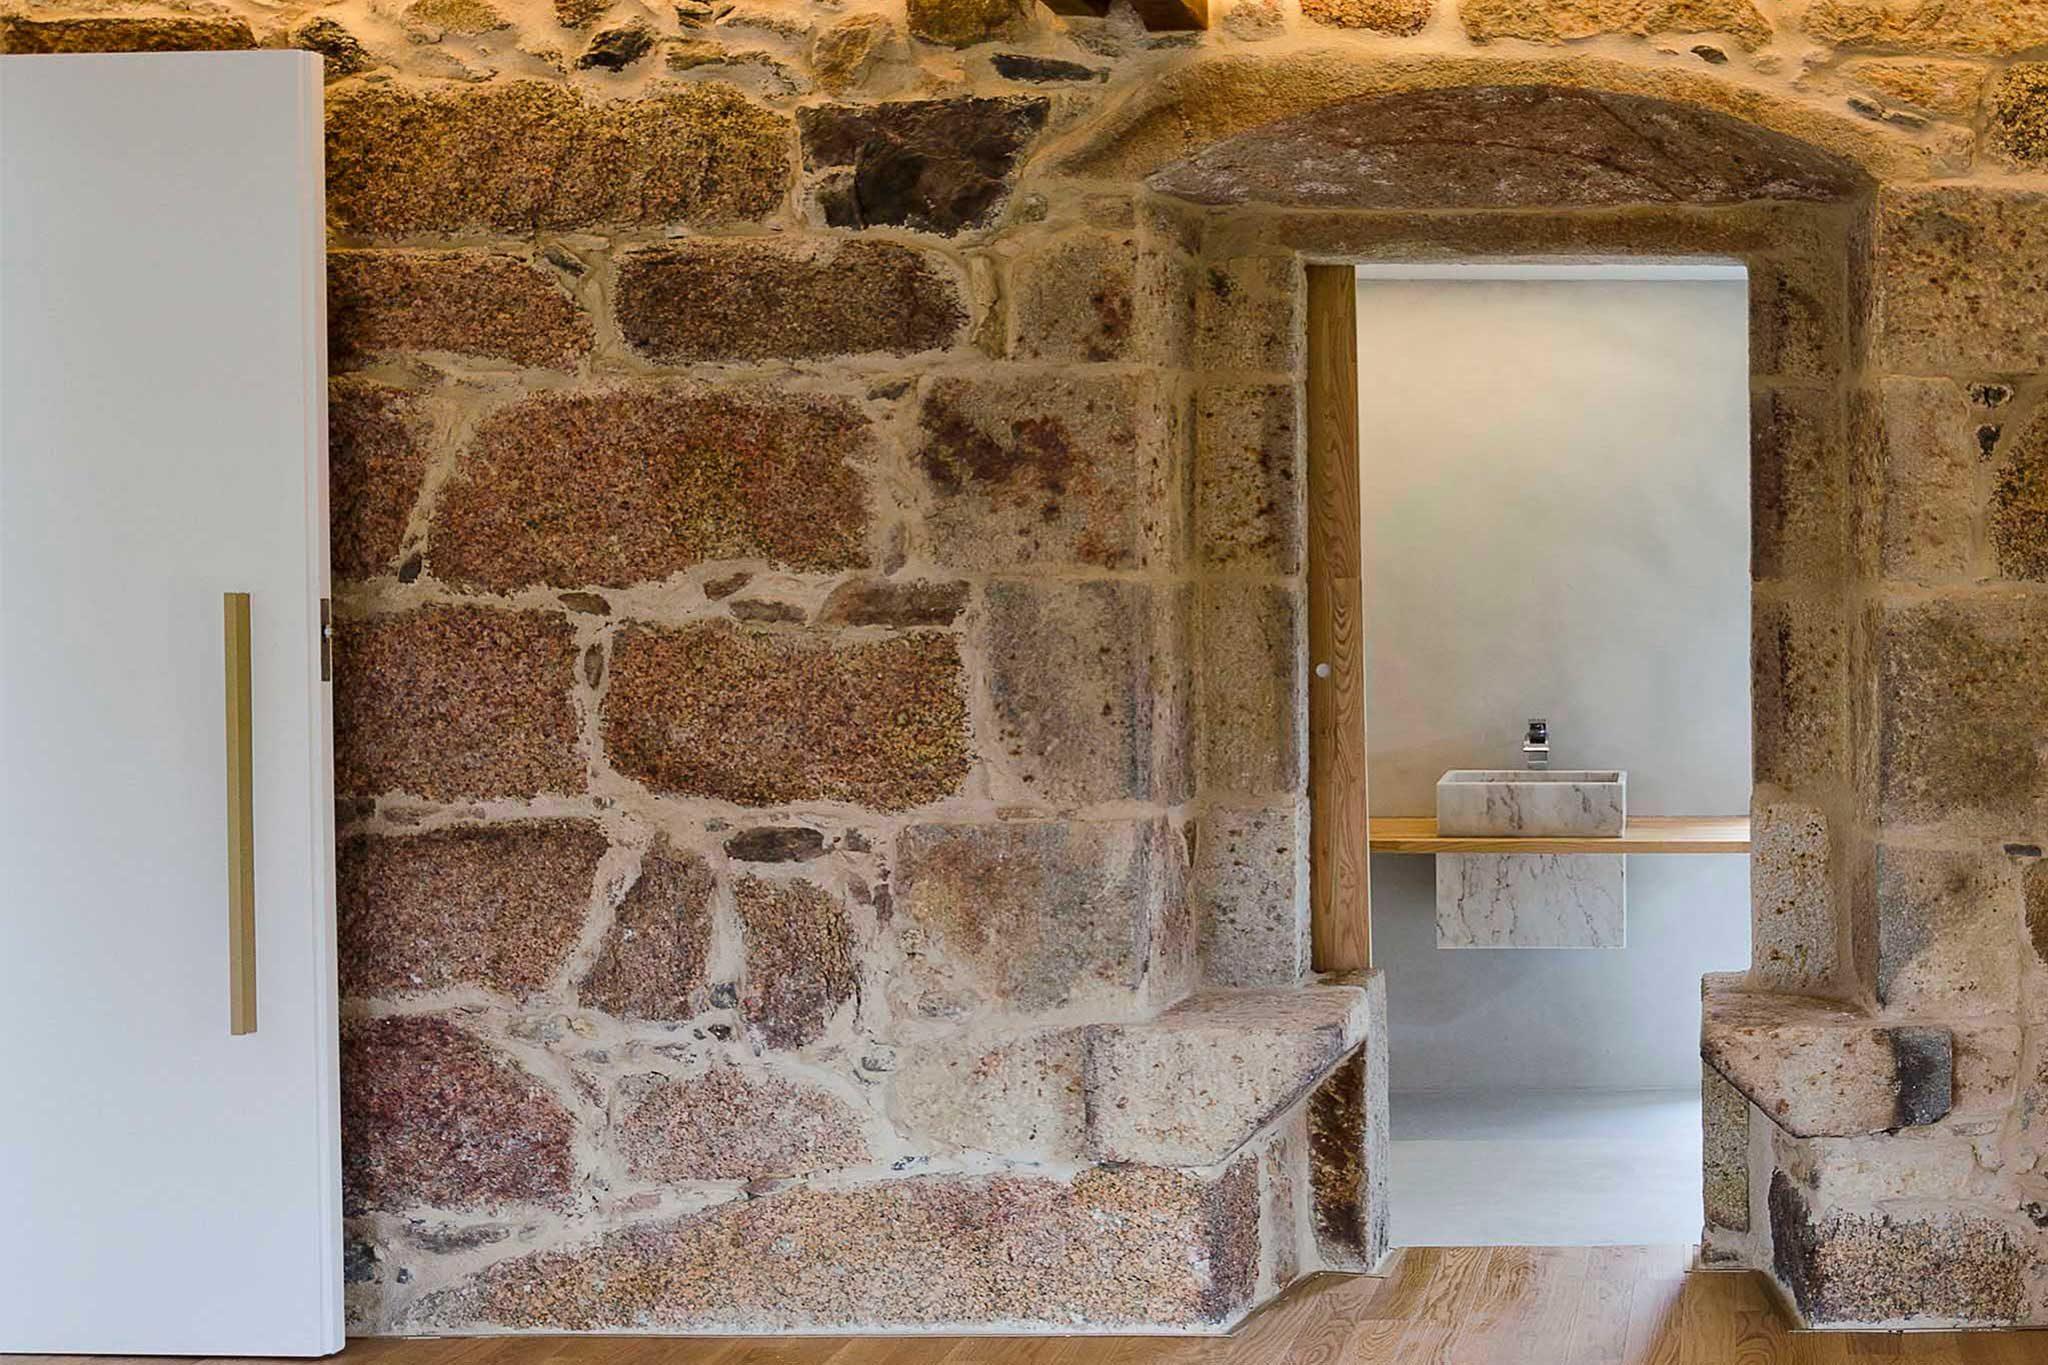 rehabilitación integral de una vivienda Pontevedra